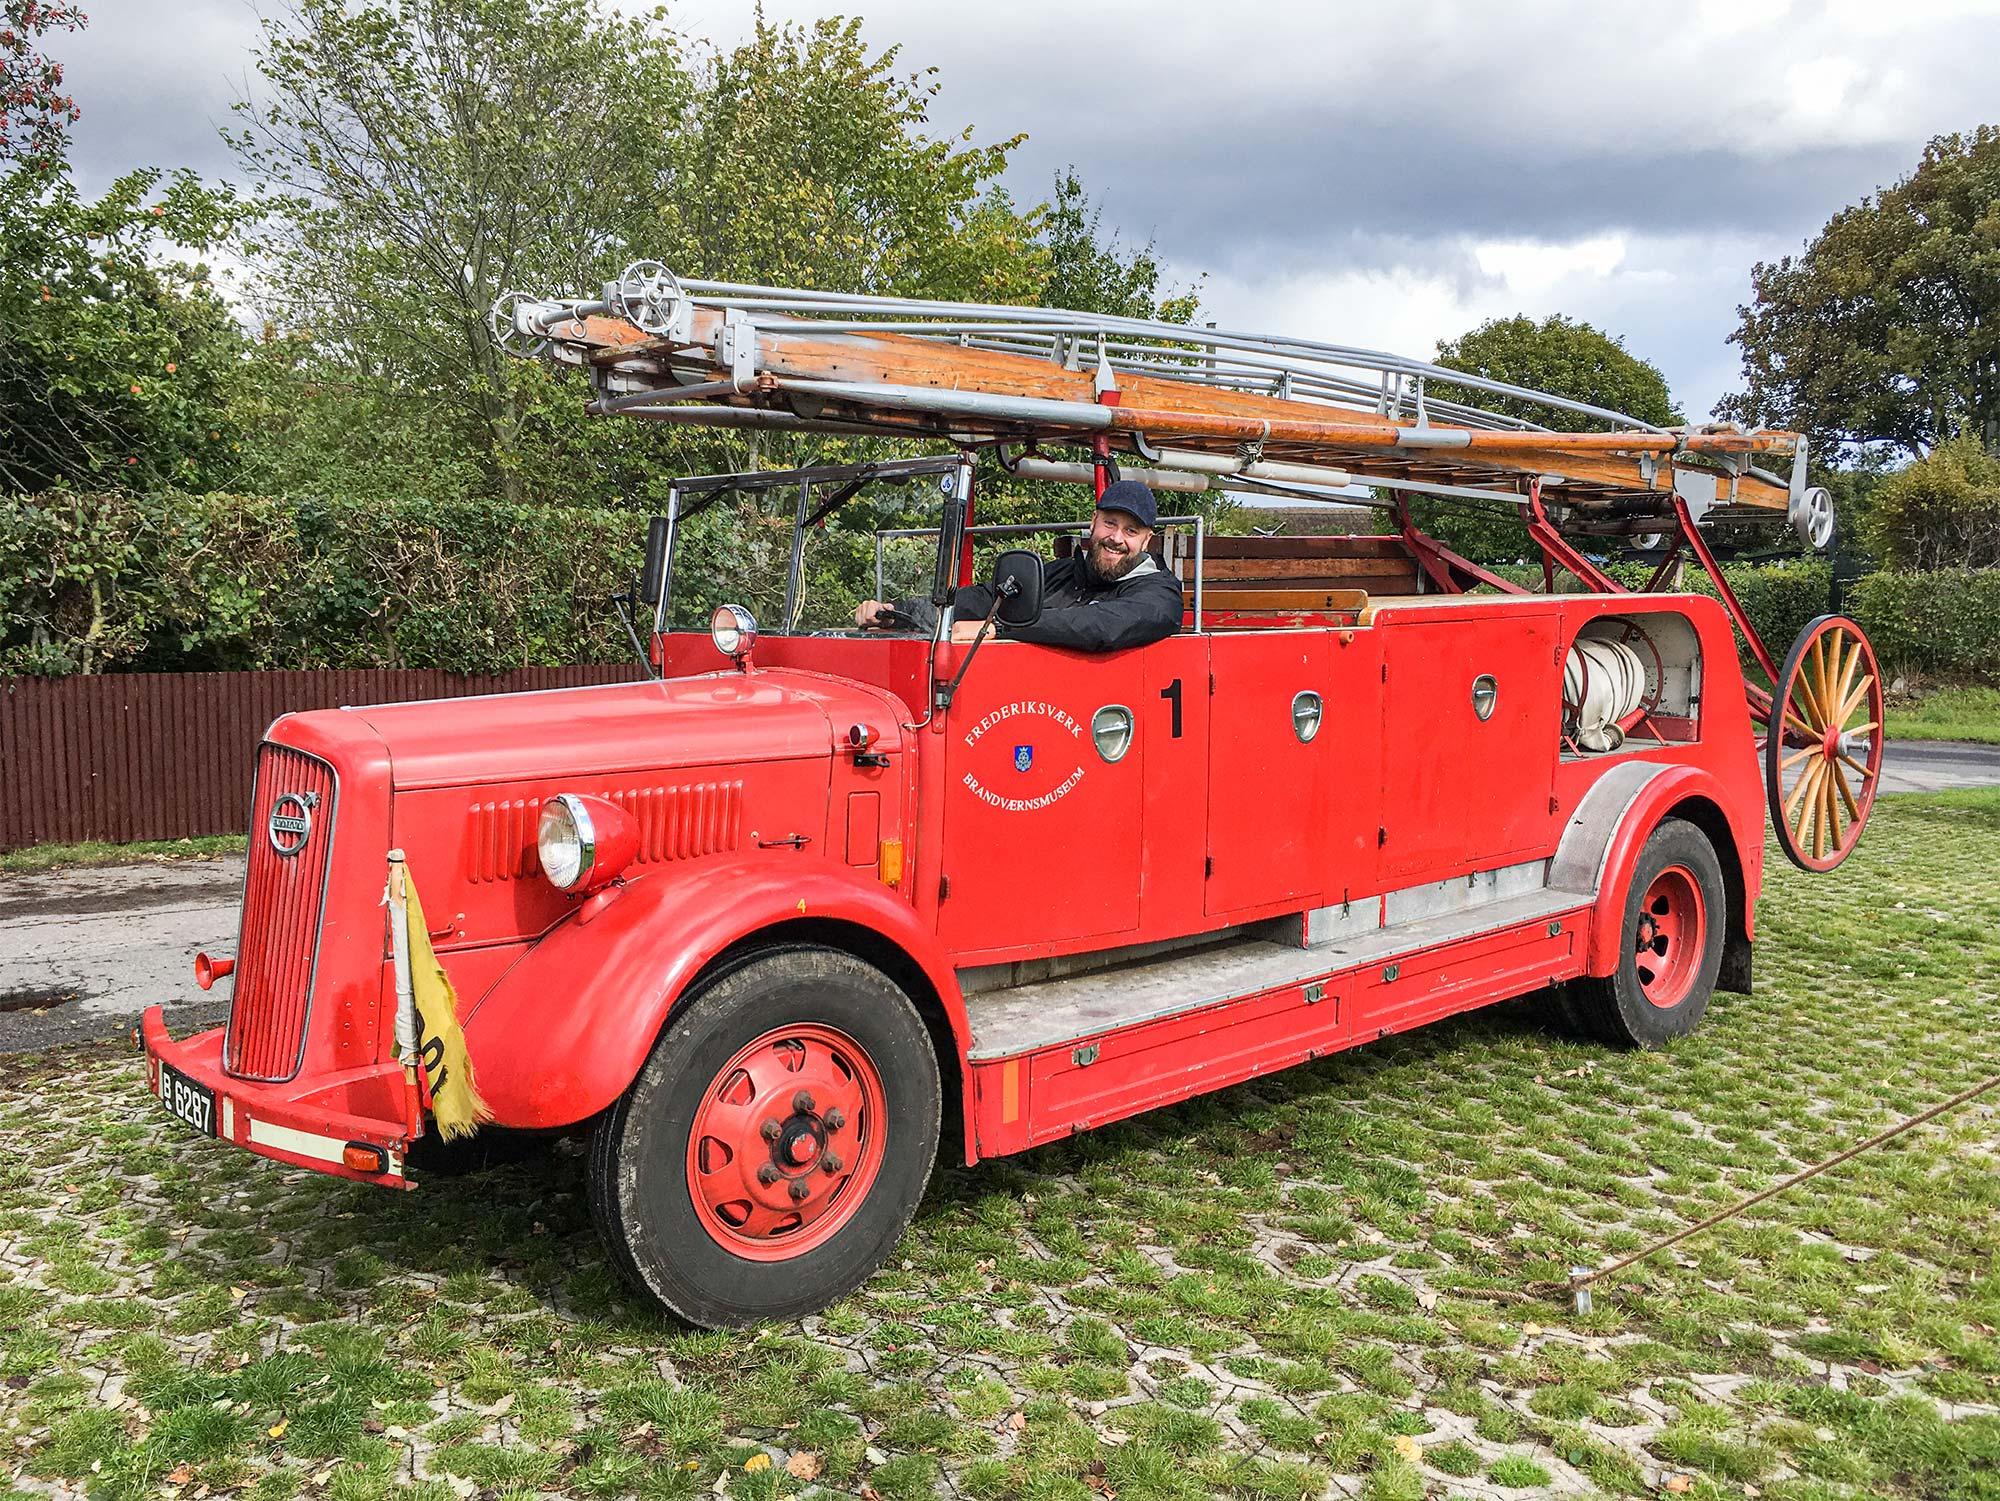 Den gamle brandbil fra Frederiksværk Brandværnsmuseum kommer på besøg på Amagermuseet i efterårsferien.